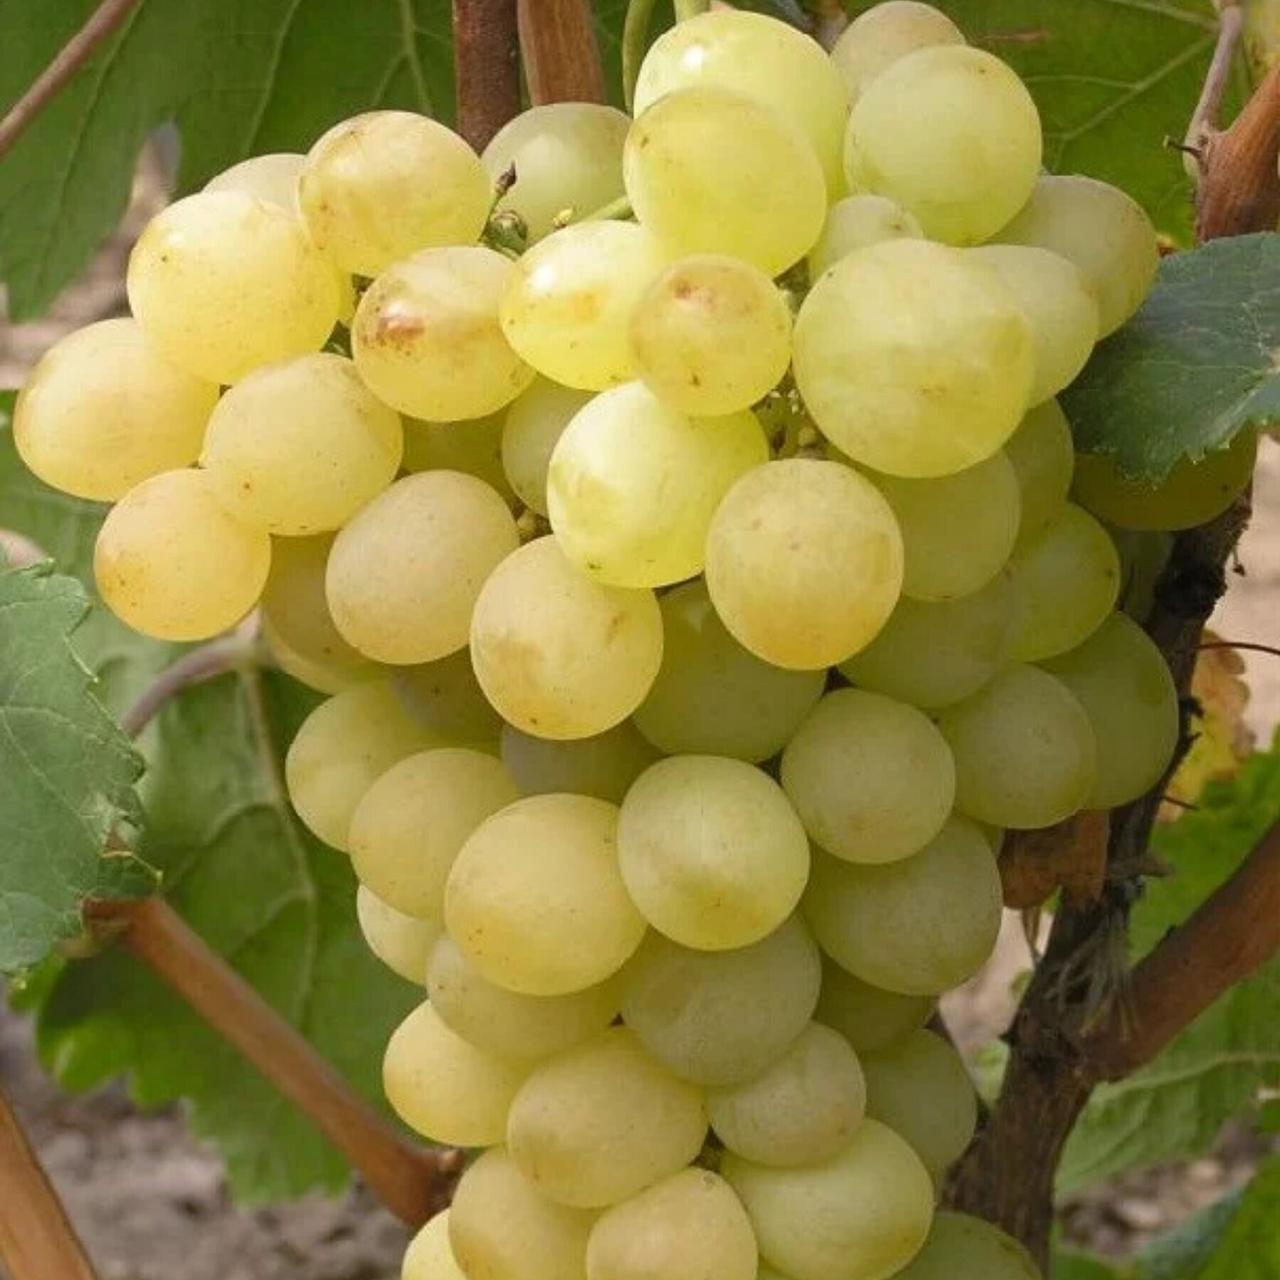 купить саженцы винограда в оренбургской области